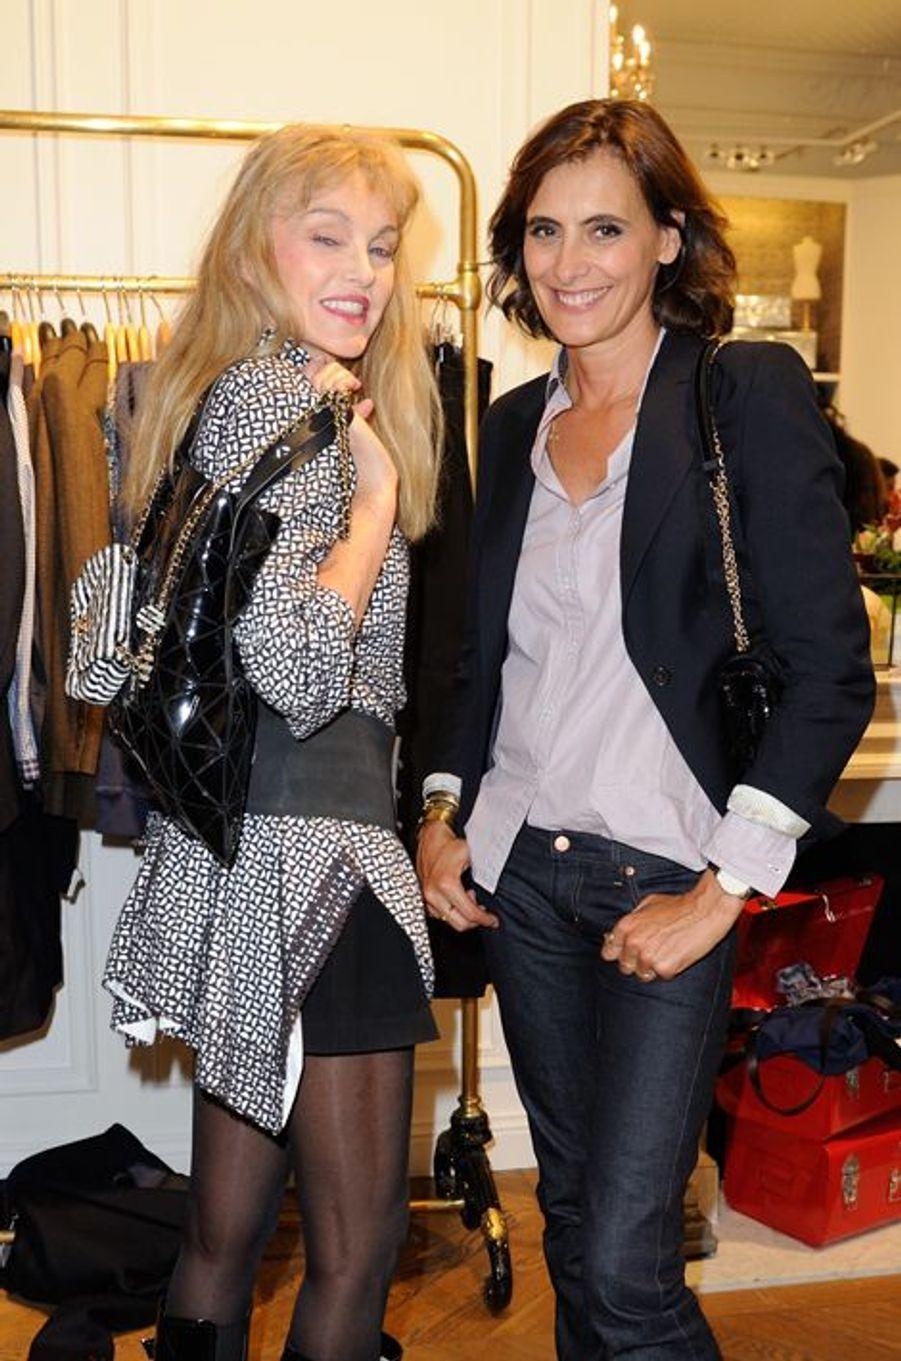 Inès de la Fressange lors du lancement de sa collection Uniqlo à Paris, le 3 septembre 2014, avec l'actrice et chanteuse Arielle Dombasle.